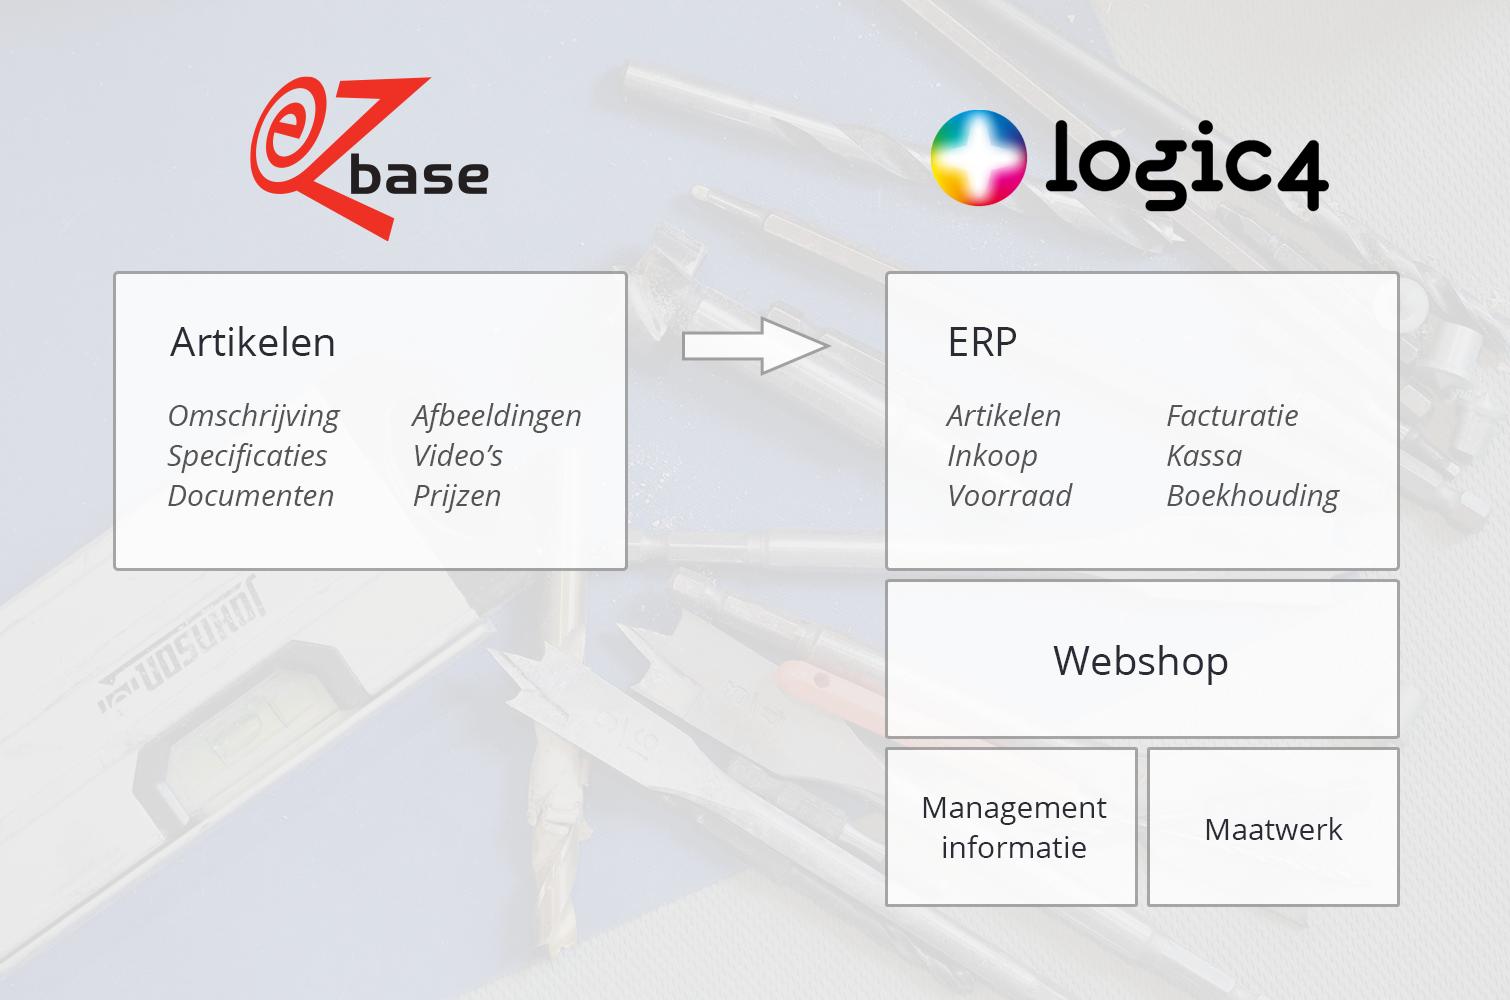 Hoe werkt de integratie van EZ-base in Logic4 ERP software